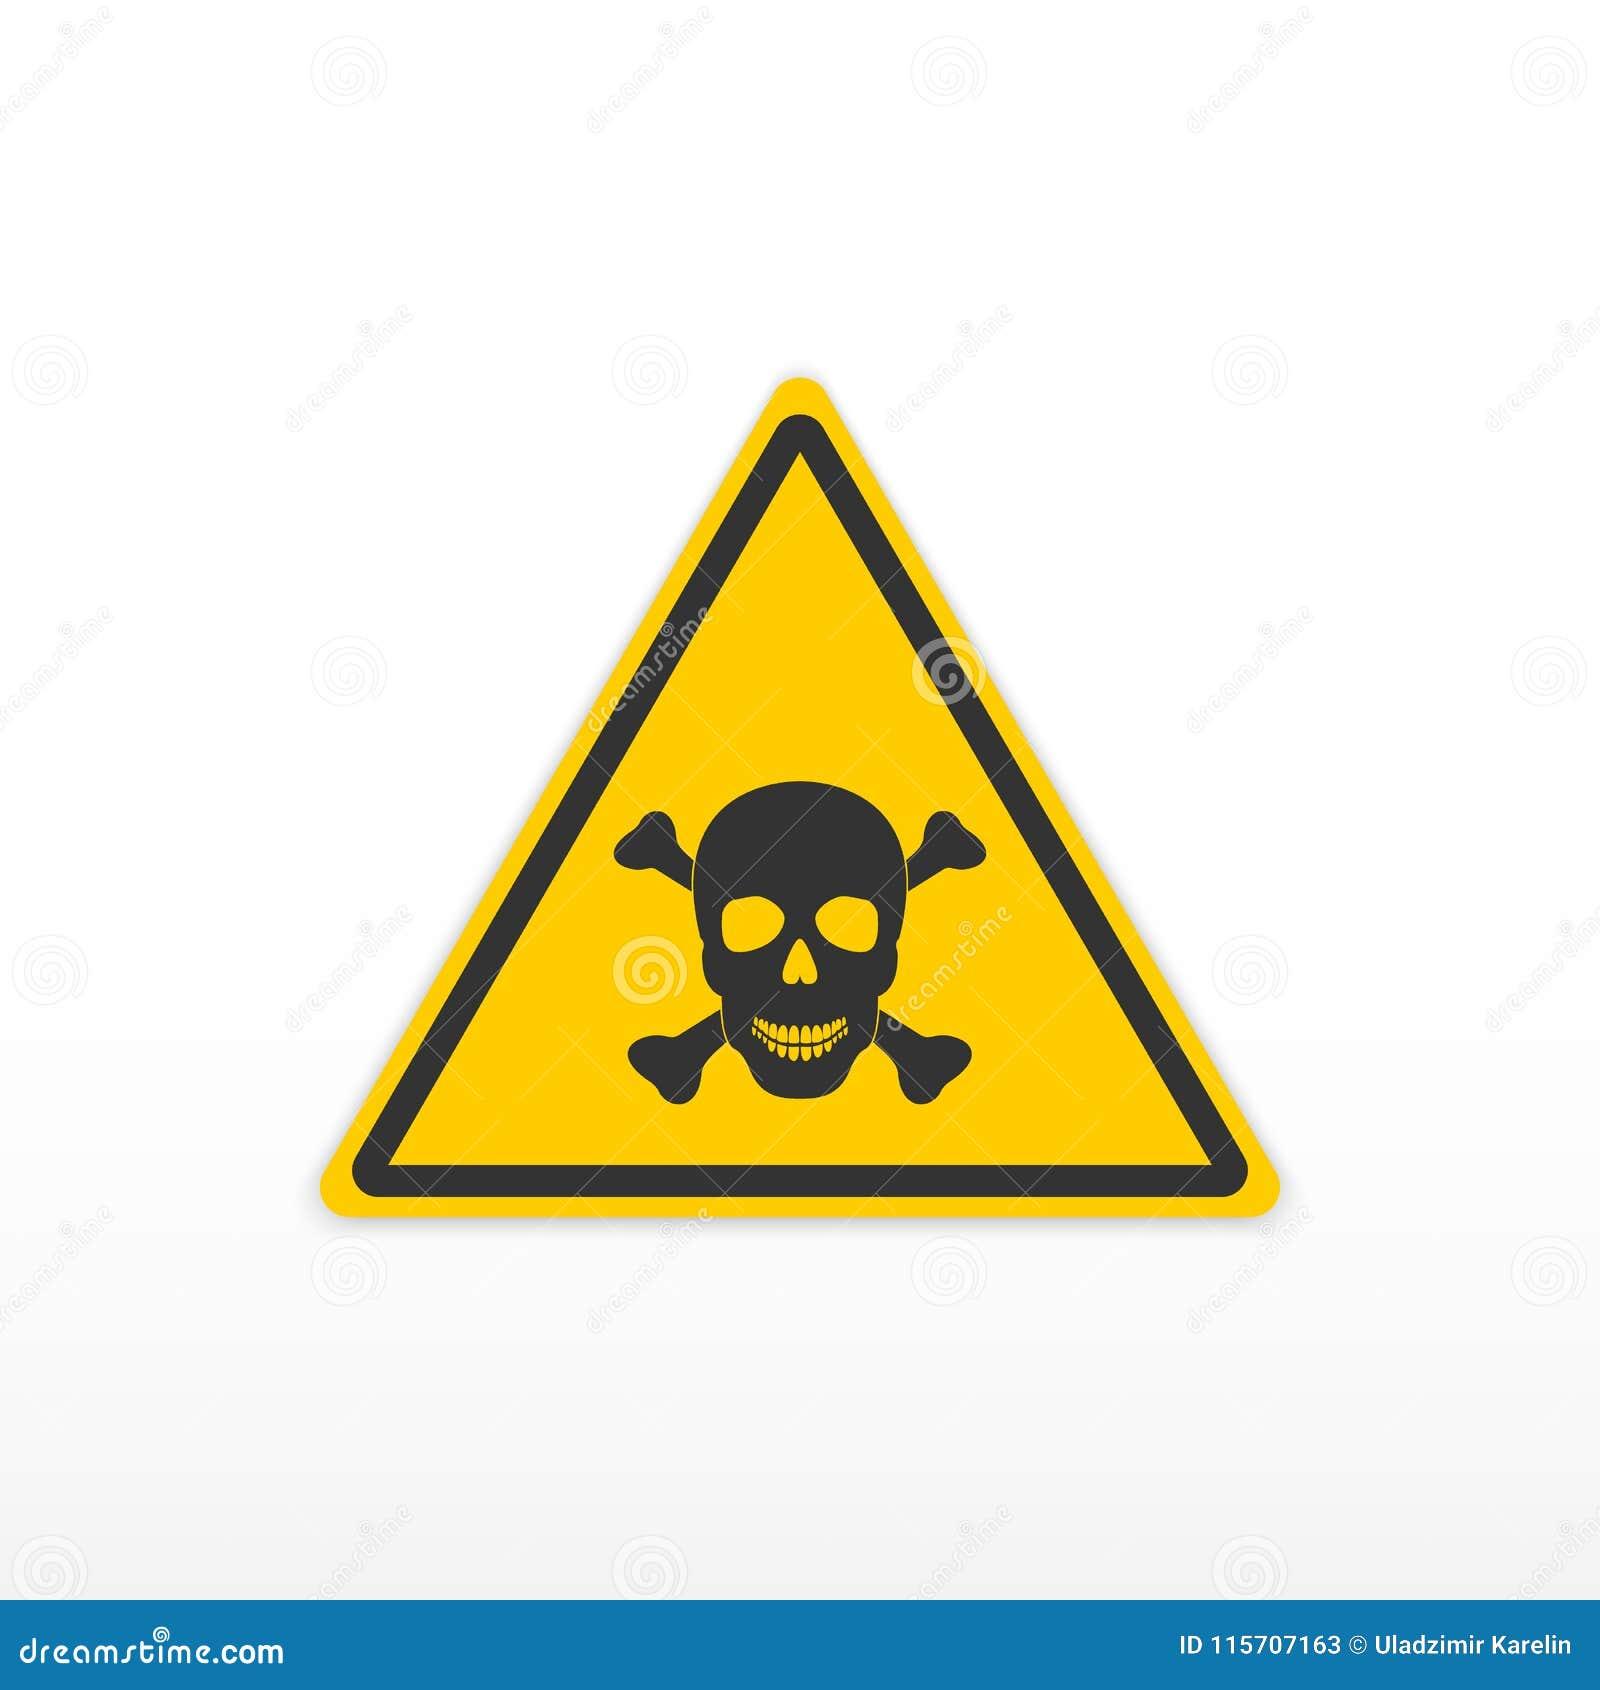 Δηλητήριο σημαδιών Τοξικό σημάδι κινδύνου Κρανίο και κόκκαλα τρισδιάστατο λευκό αντικειμένου ανασκόπησης απομονωμένο εικονίδιο